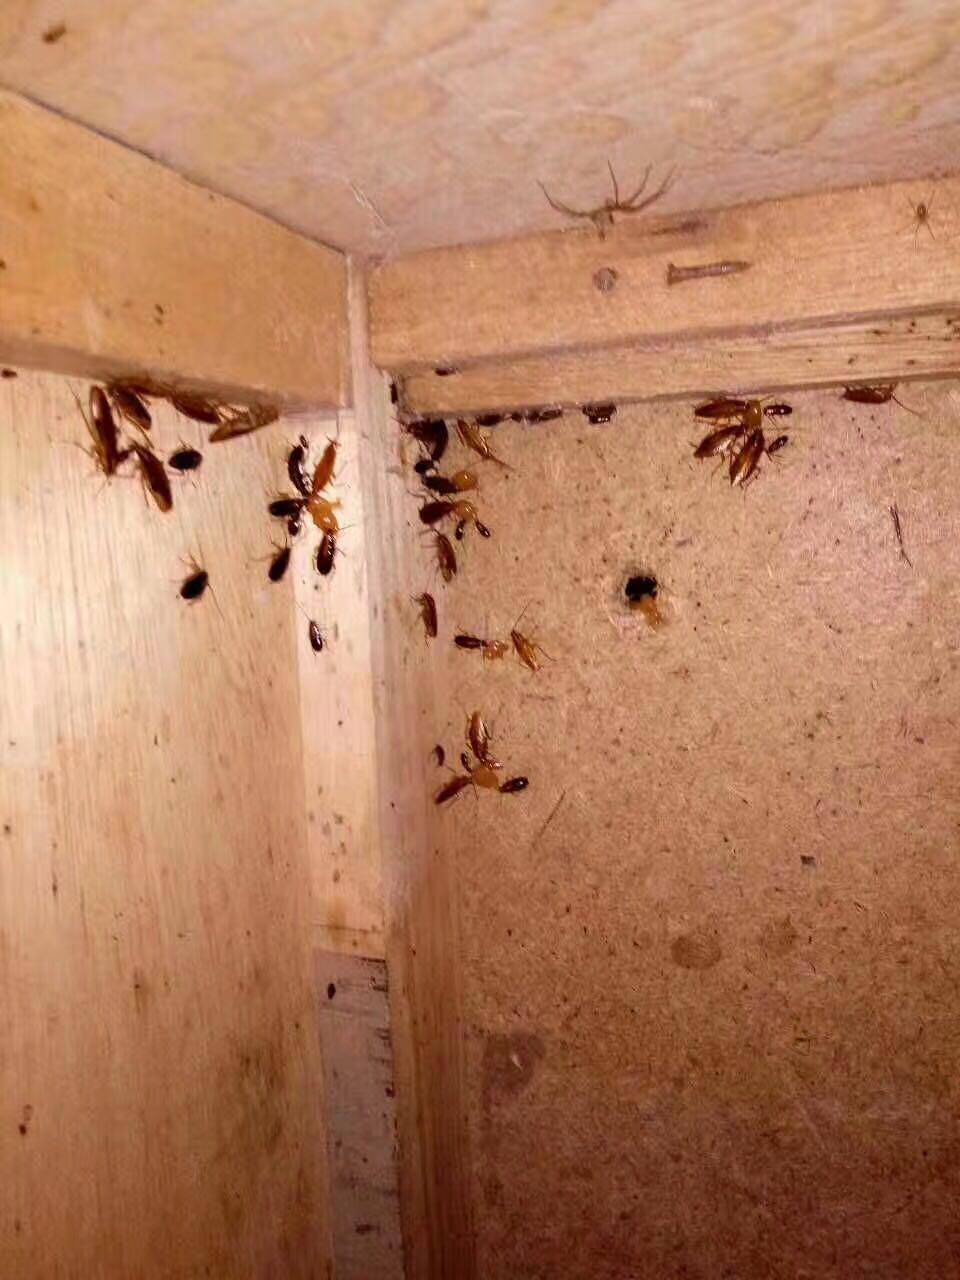 蟑螂防治之补充蟑螂科学知识_深圳市创卫环境卫生服务有限公司